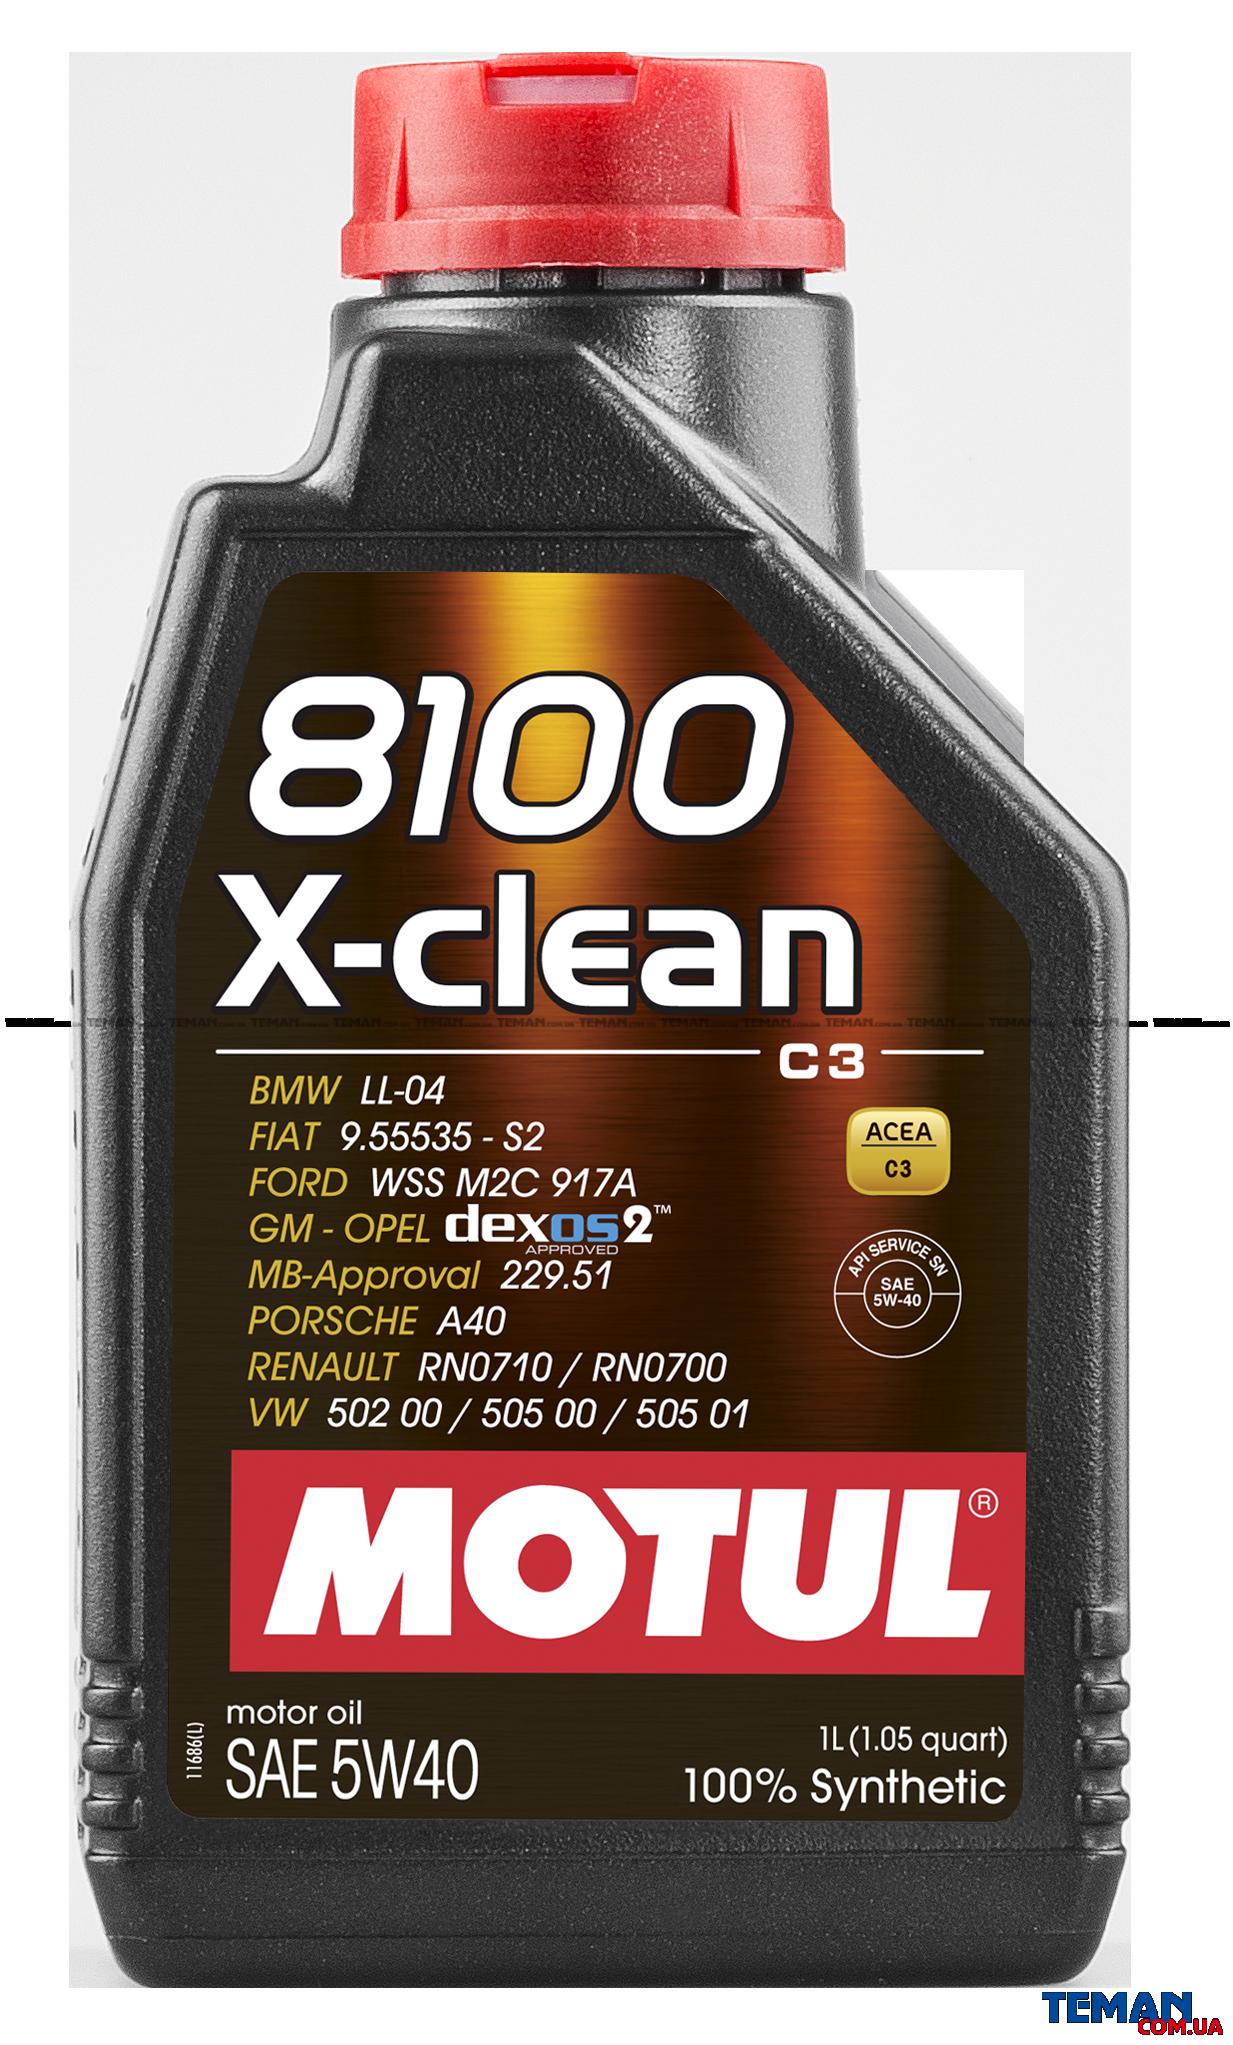 Синтетическое моторное масло 8100 X-clean SAE 5W40, 1 л